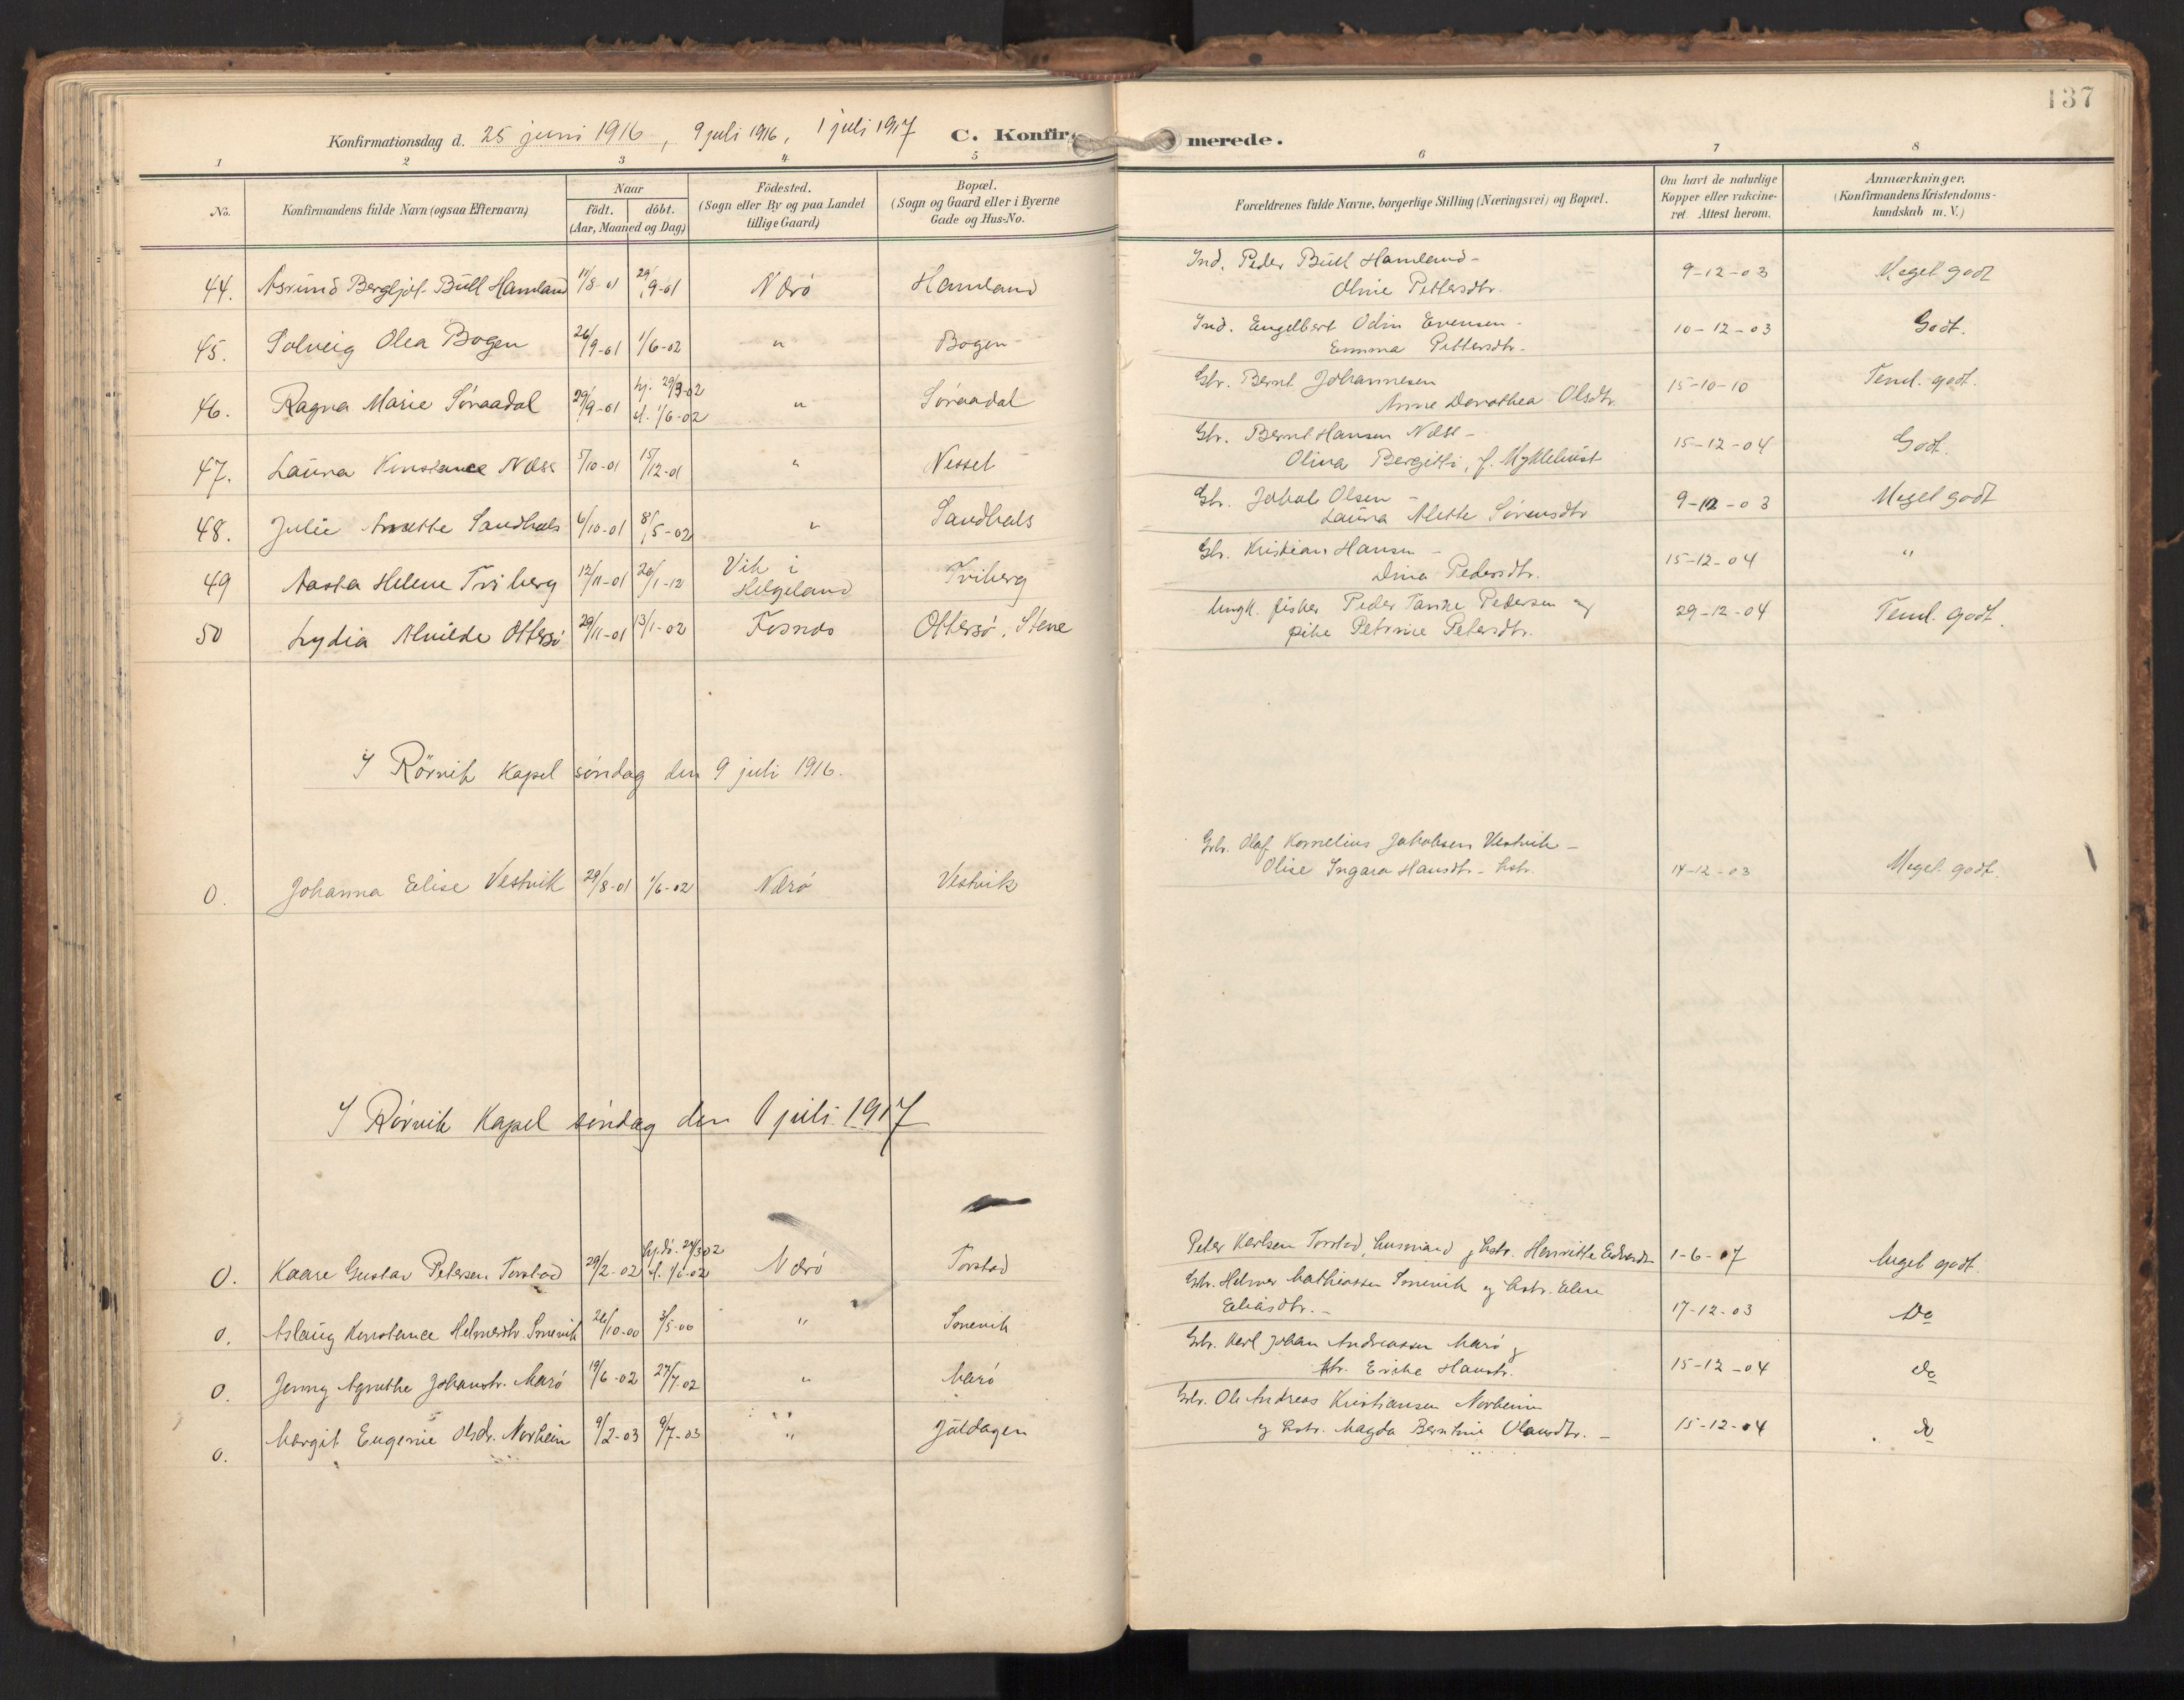 SAT, Ministerialprotokoller, klokkerbøker og fødselsregistre - Nord-Trøndelag, 784/L0677: Ministerialbok nr. 784A12, 1900-1920, s. 137